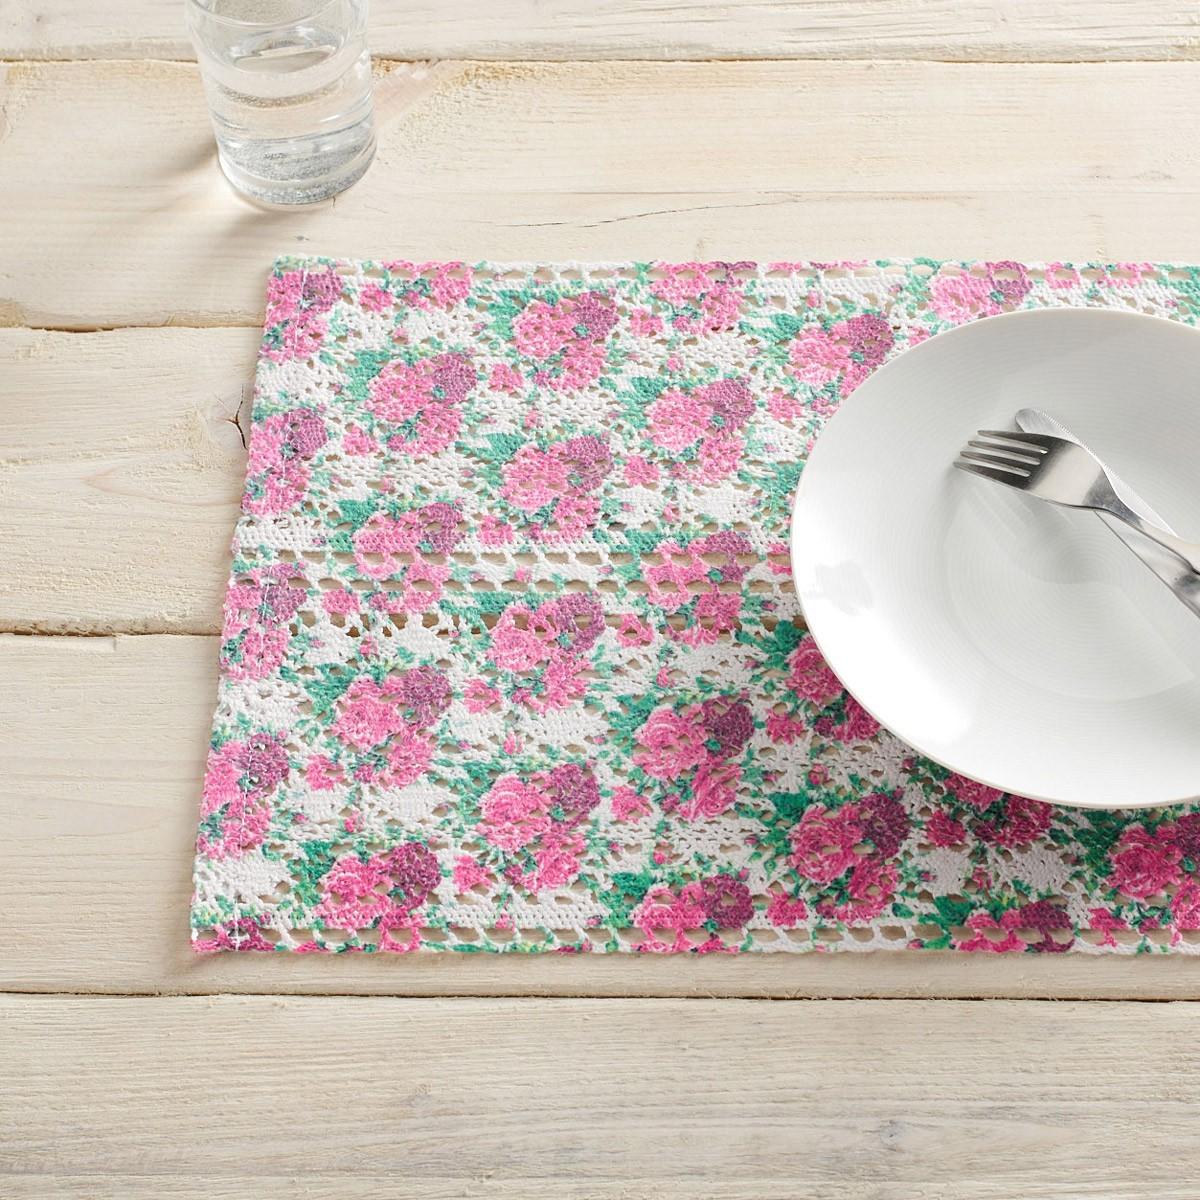 Σουπλά (Σετ 2τμχ) Gofis Home Orchard Pink 020/17